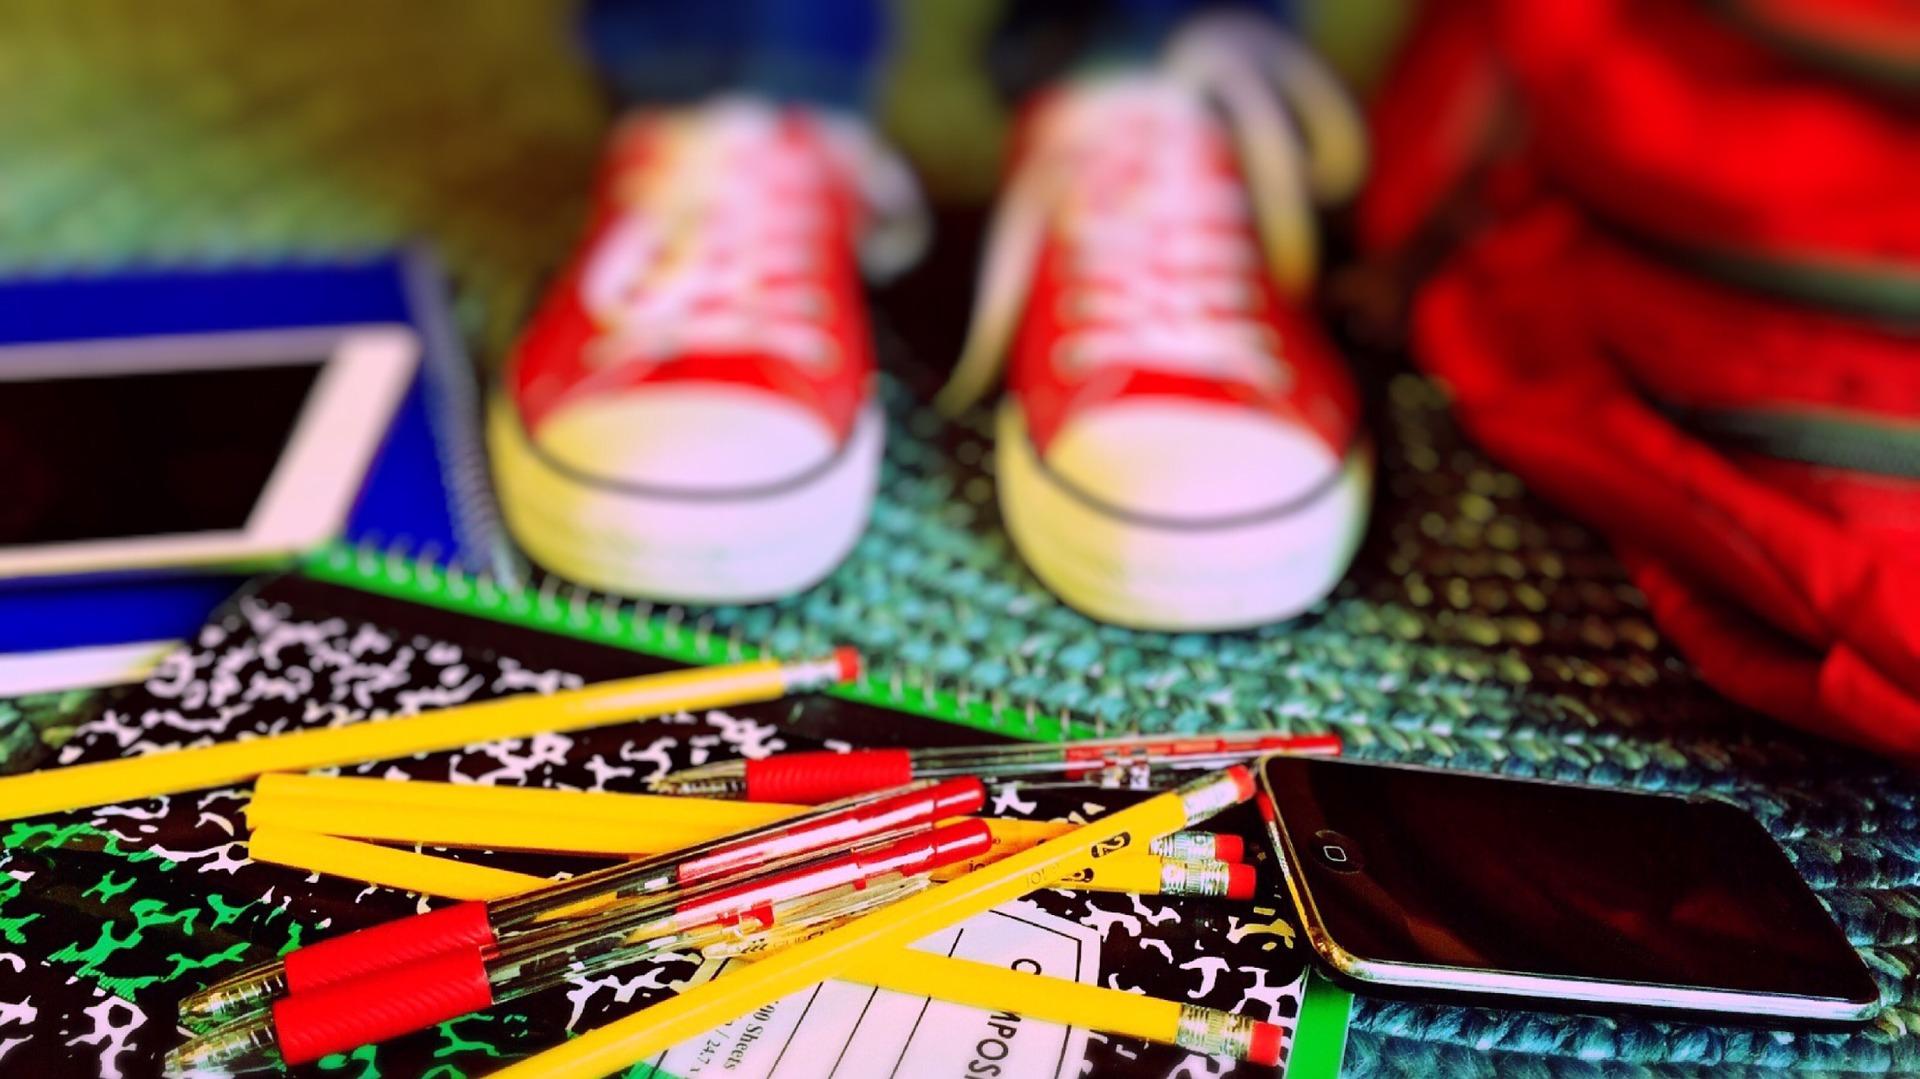 Нарушением свободы выражения мнений в вологодских школах недовольна четверть респондентов